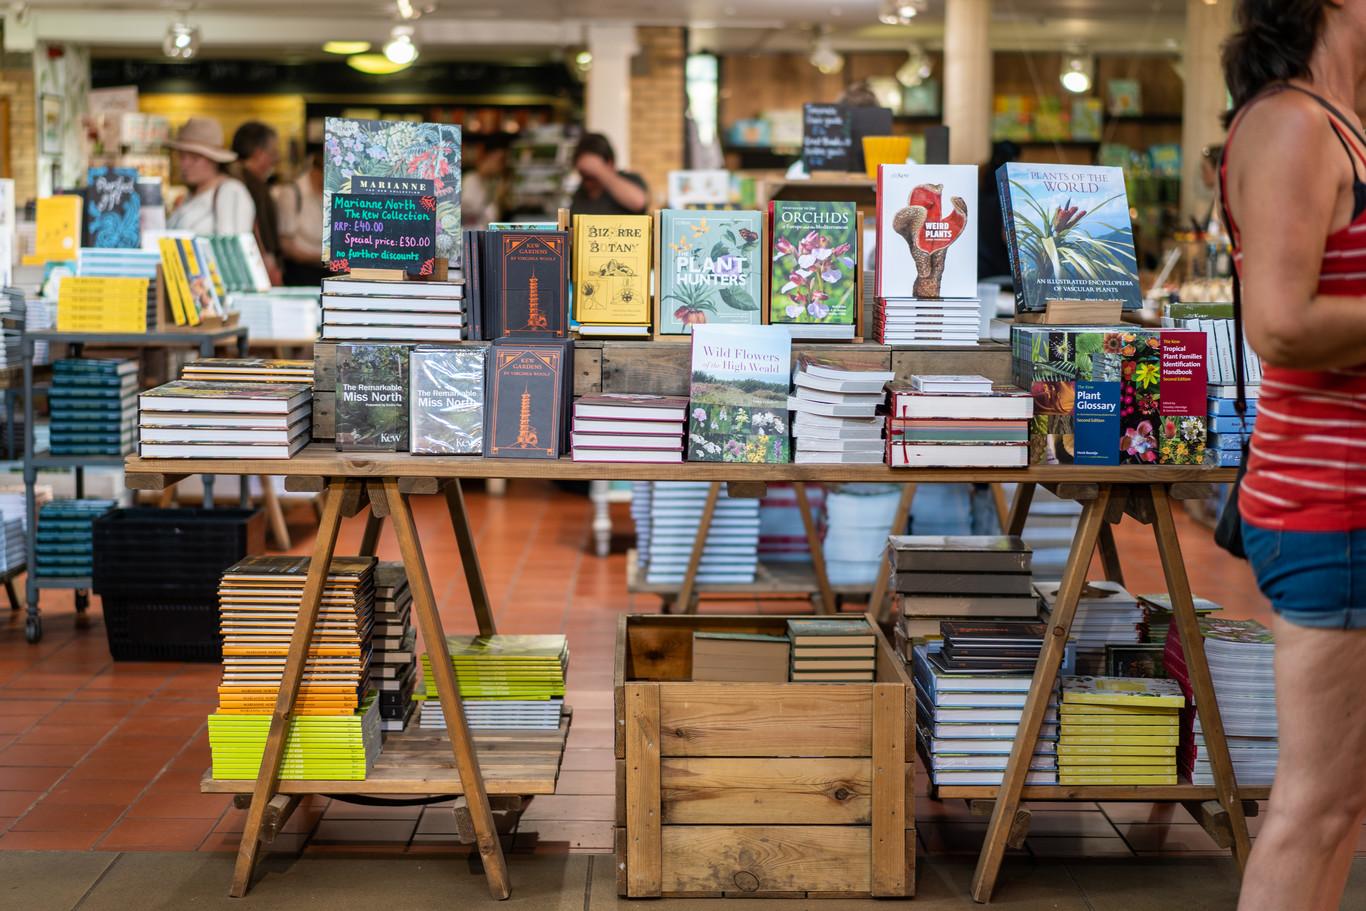 La resistencia de lo físico: las ventas libros y vinilos gozan de una feliz segunda juventud